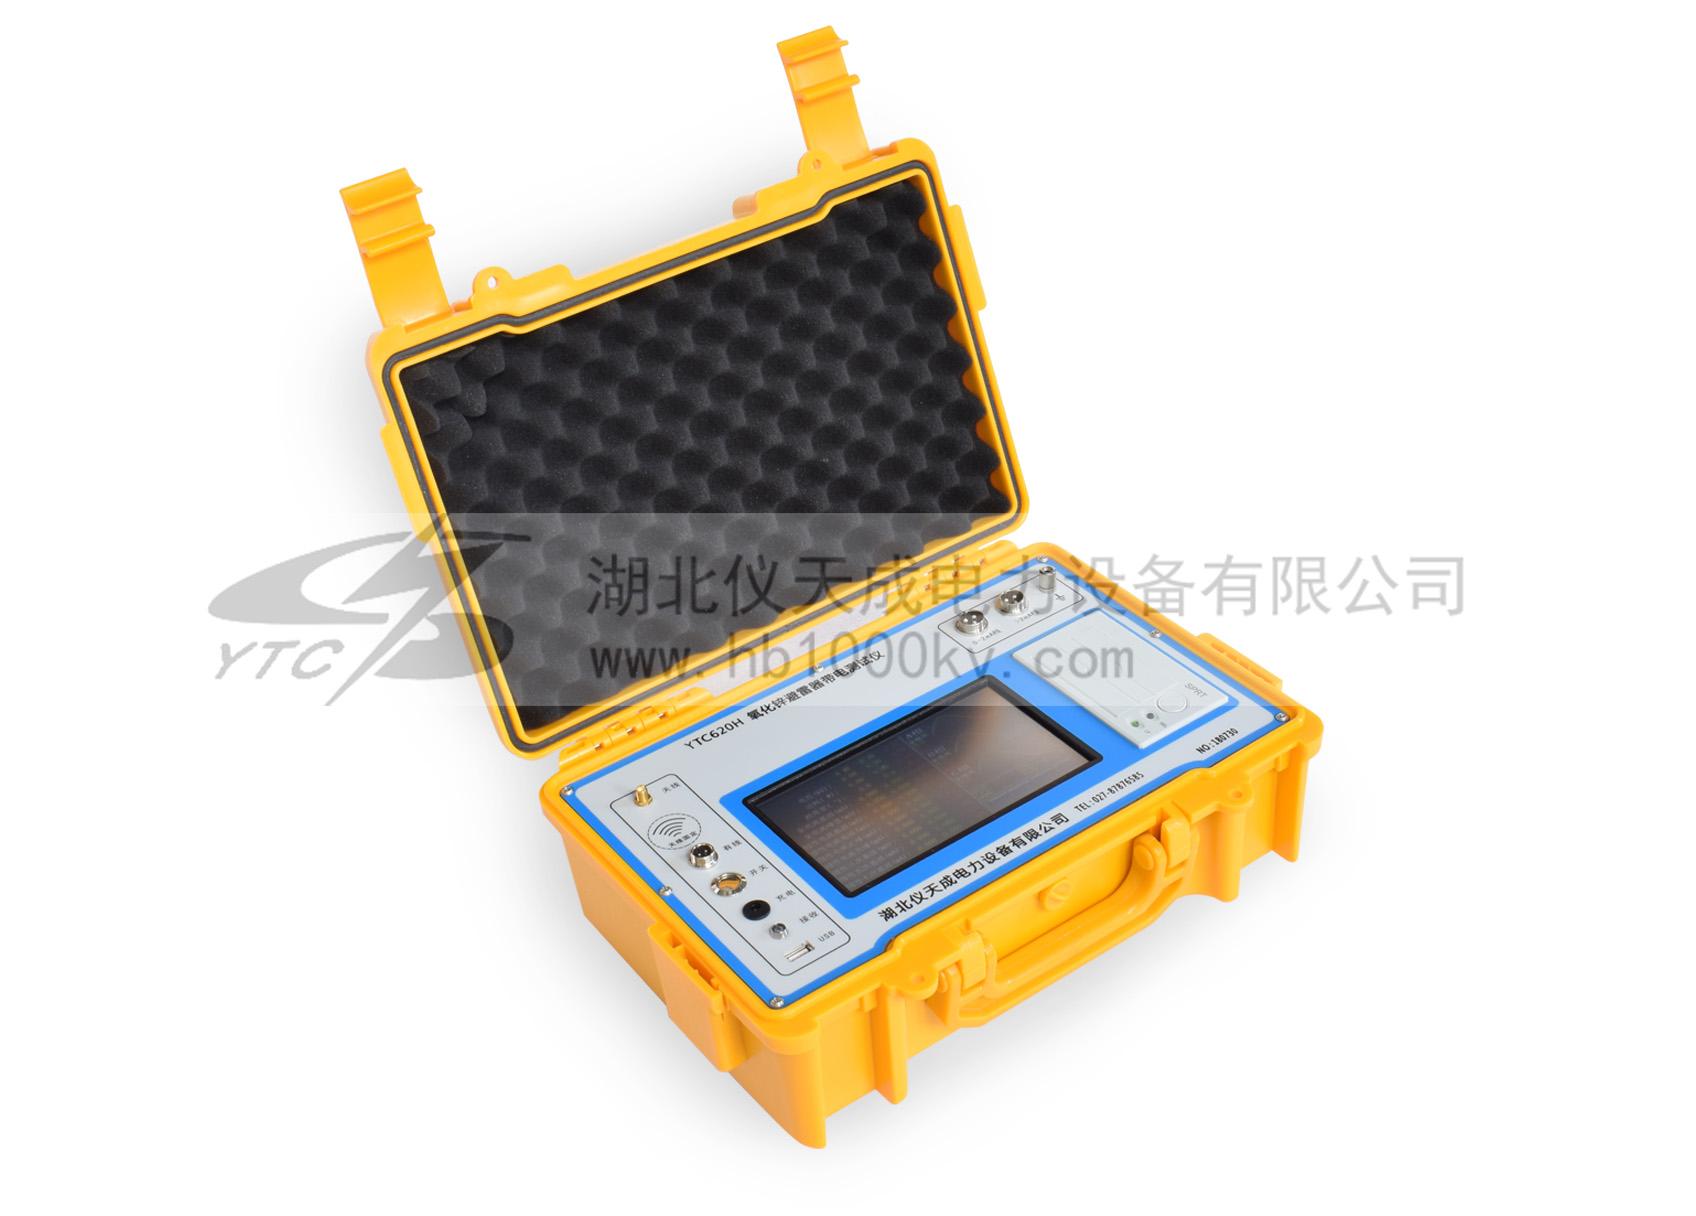 YTC620H氧化锌避雷器带电测试仪